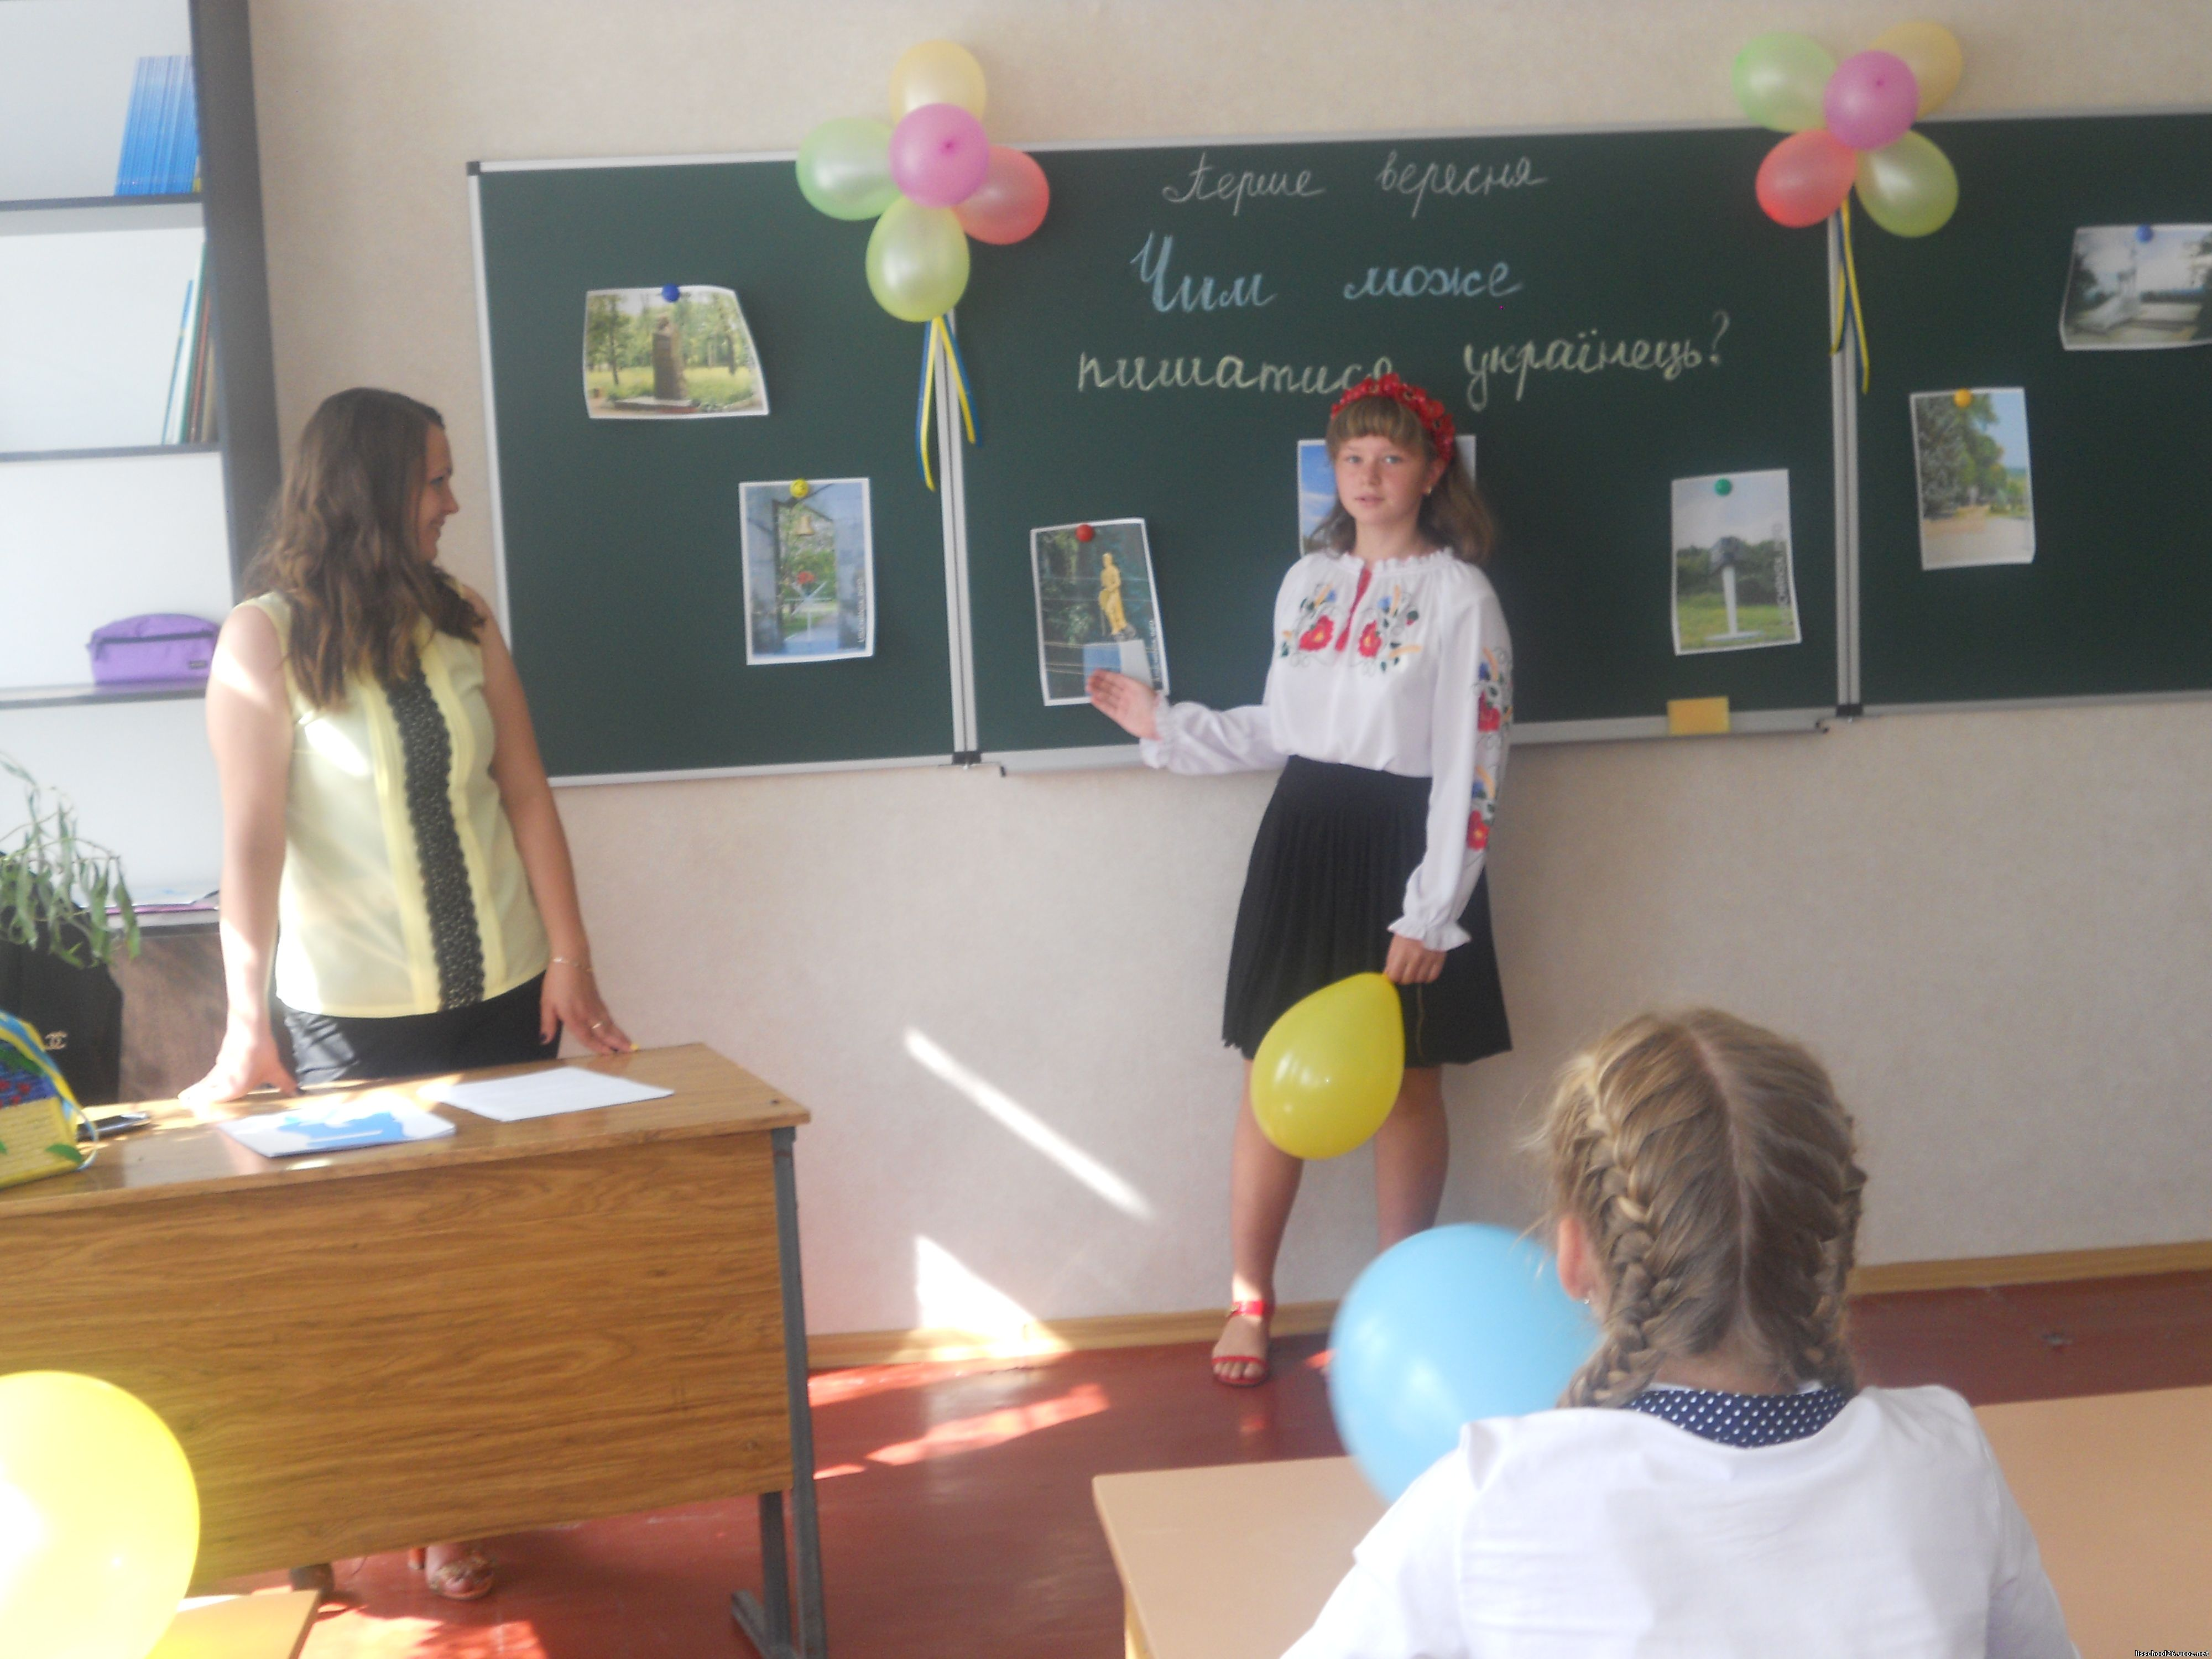 Учитель з учиницай 18 фотография